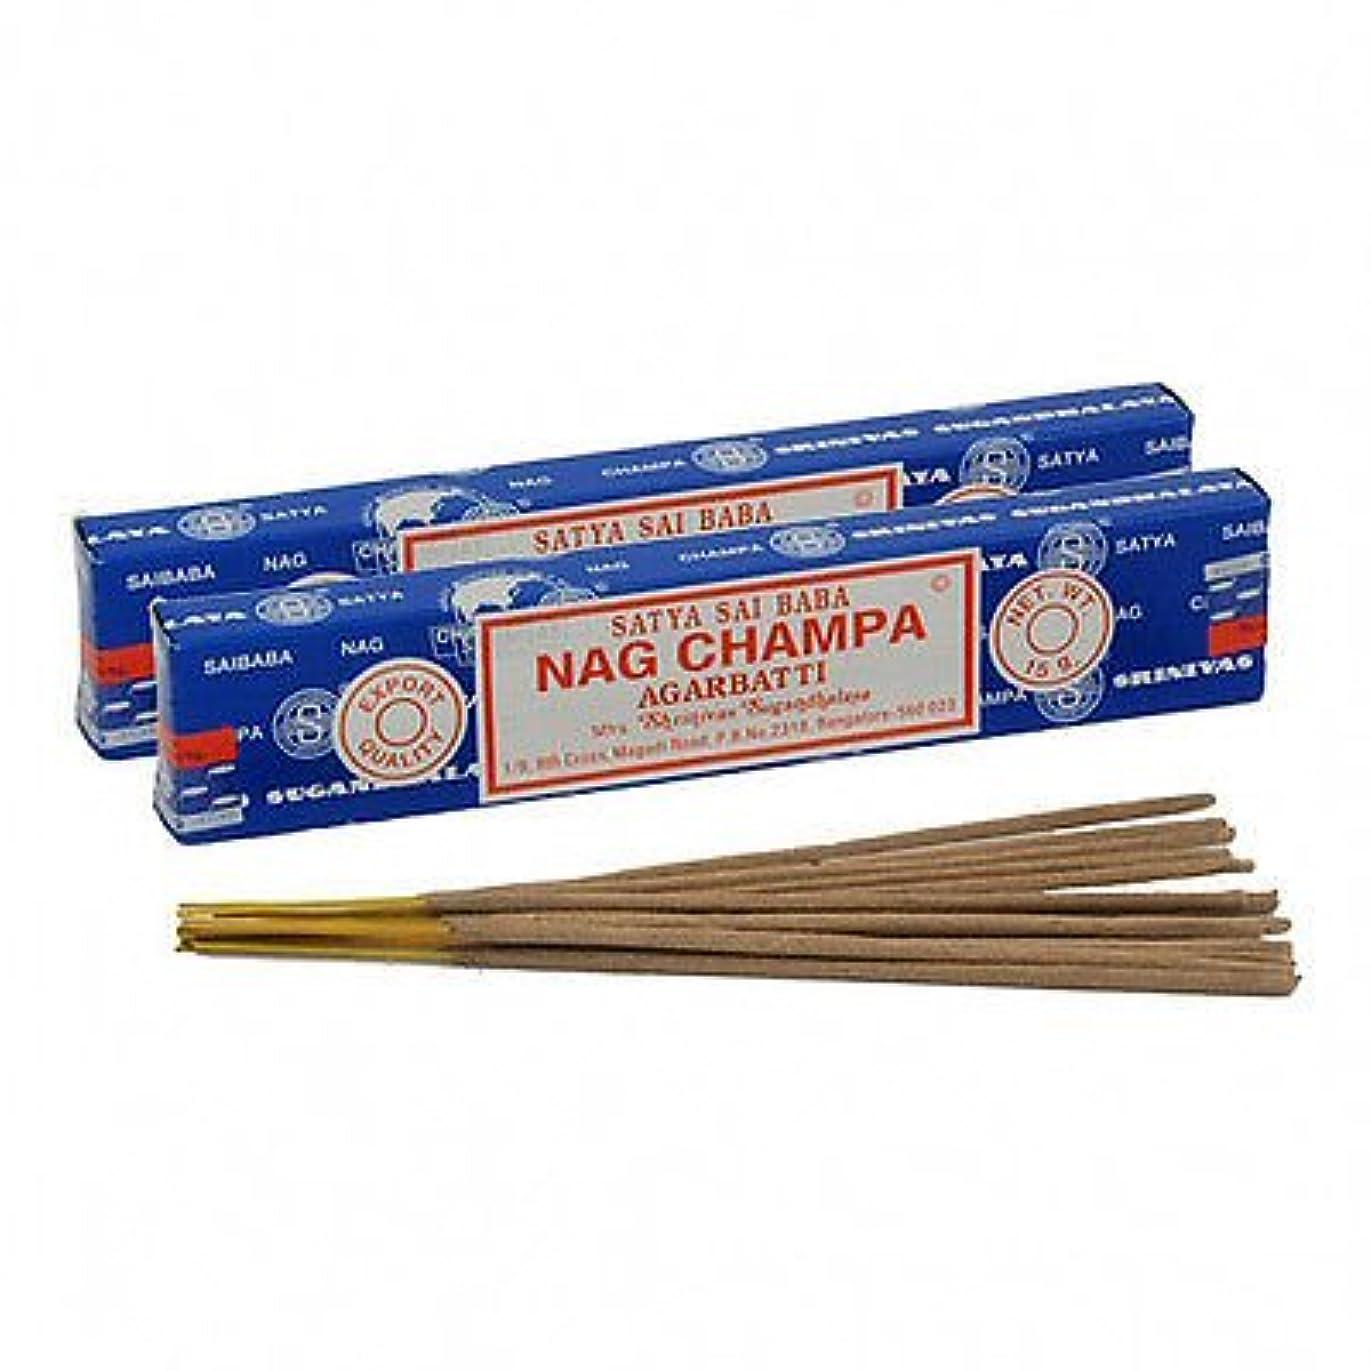 灰上下するいとこSatya Sai Baba Nag Champa Incense 180 gm ( 15g12 )